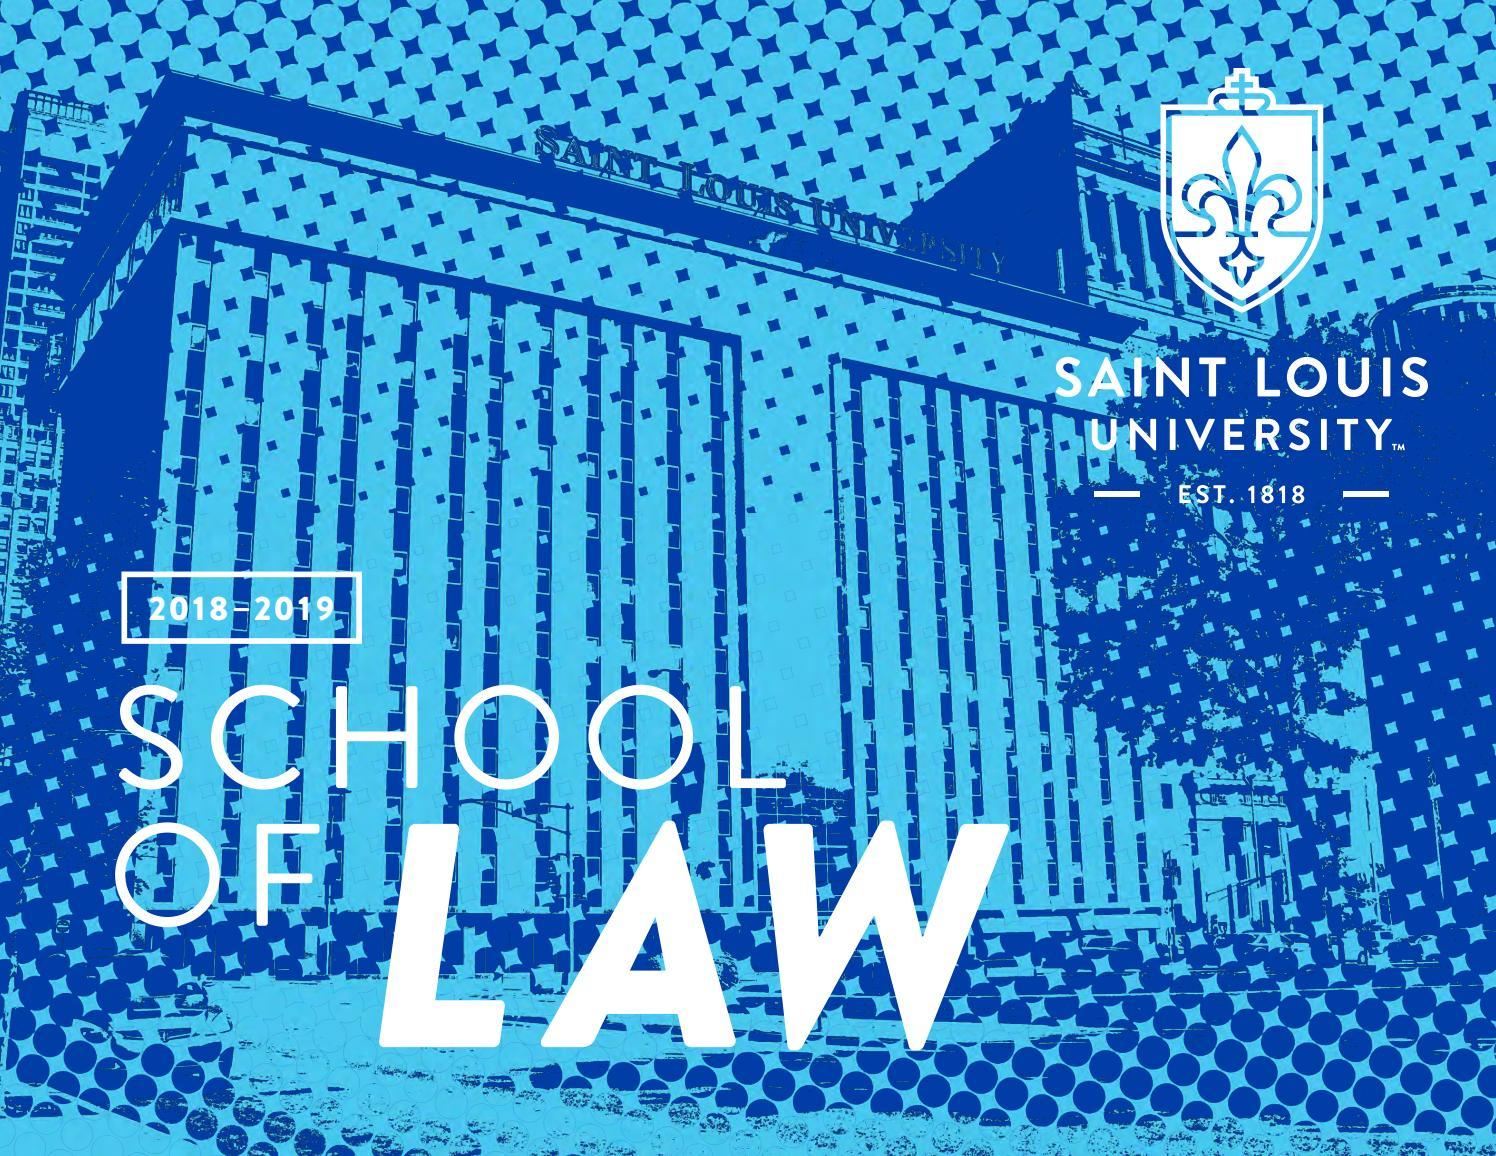 Viewbook SLU LAW 2018-19 by SLU LAW - issuu